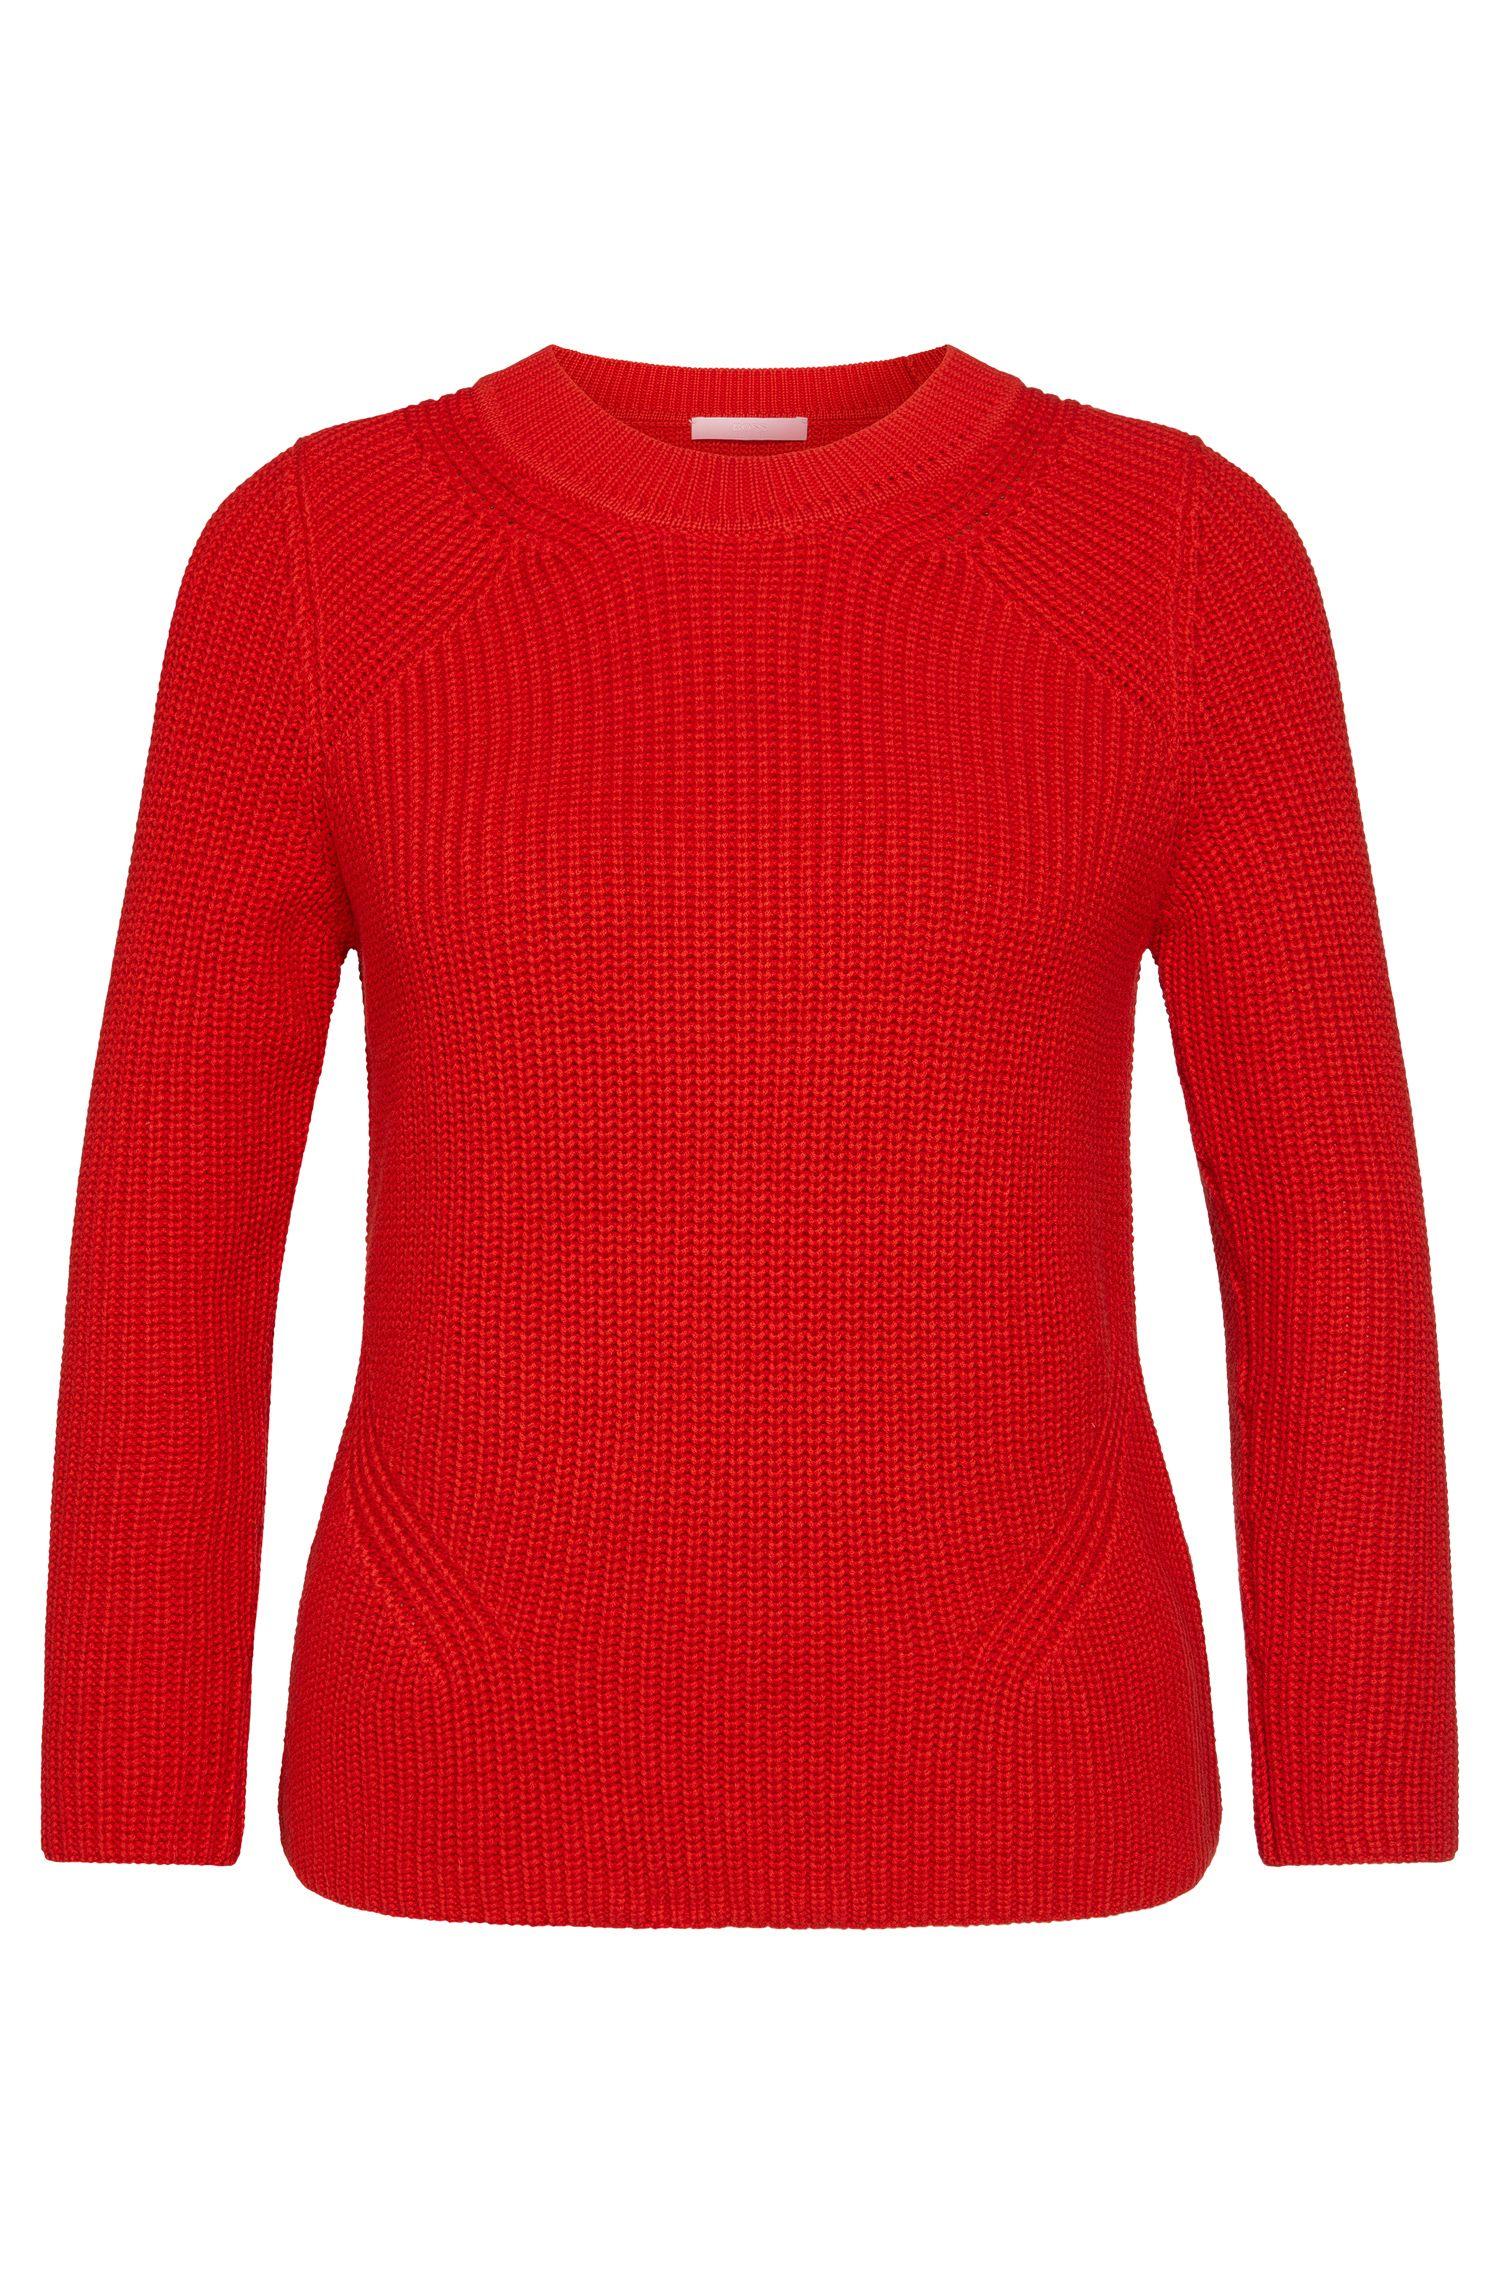 Jersey en mezcla de algodón con seda y cachemira: 'Febrara'